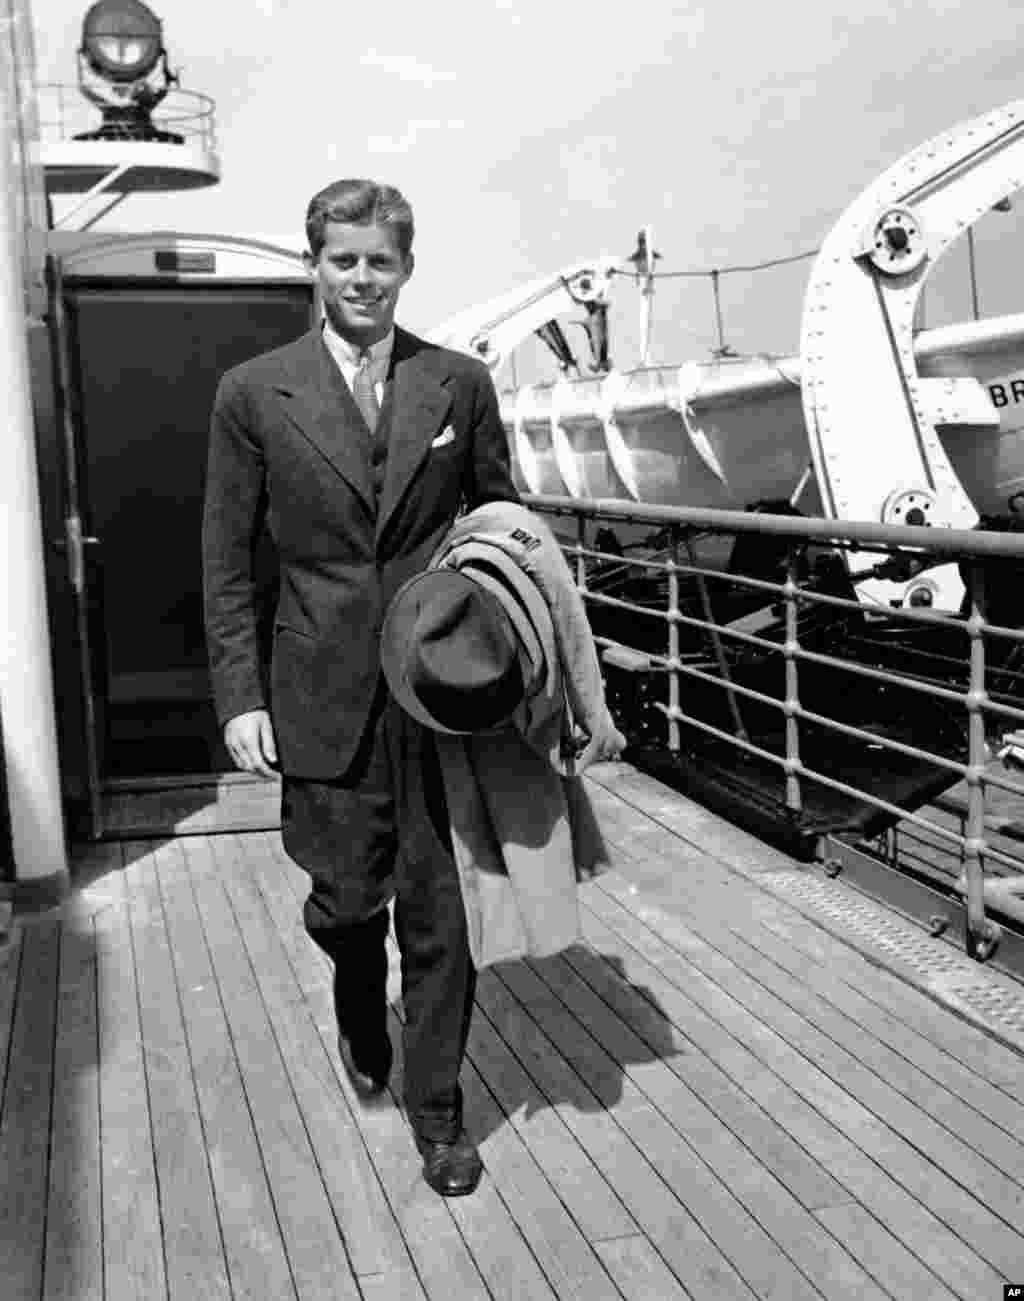 Будущий президент США Джон Кеннеди возвращается в Нью-Йорк после летнего отпуска в Европе (1938 год). Через три года он начнет службу на флоте, а после нее изберется в Конгресс. В 1961 году Кеннеди стал президентом США.